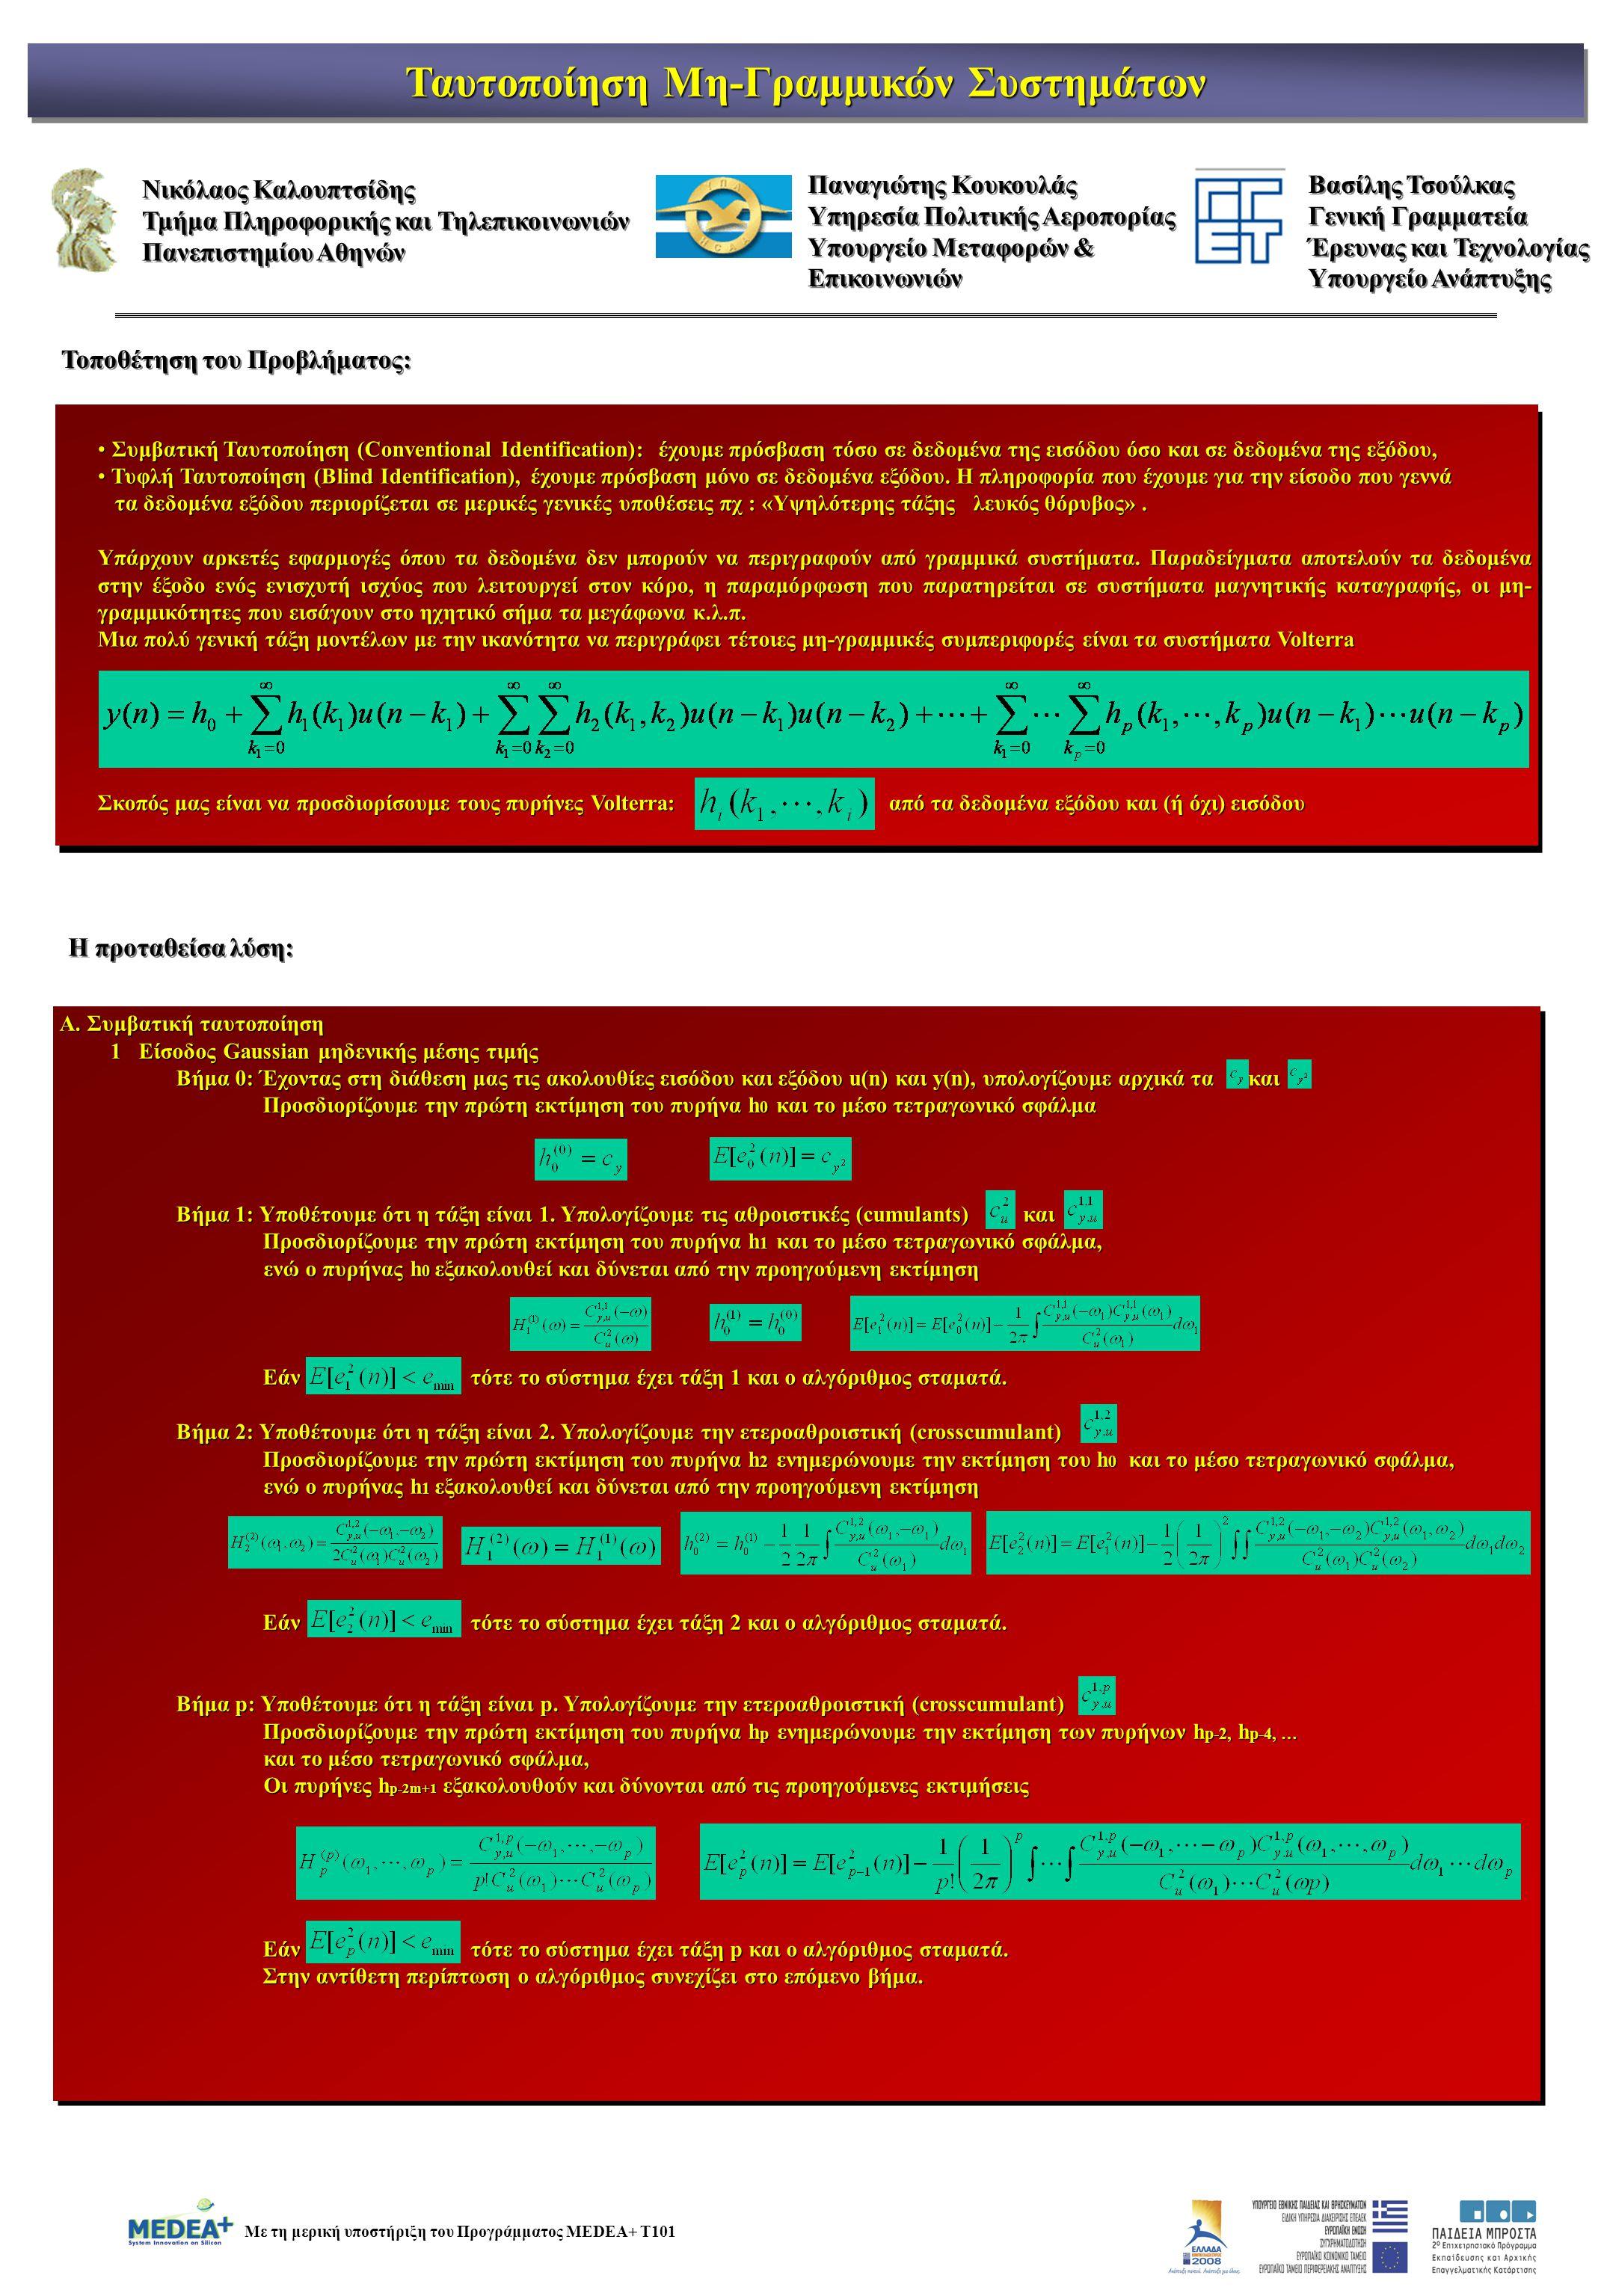 Με τη μερική υποστήριξη του Προγράμματος MEDEA+ T101 Α.